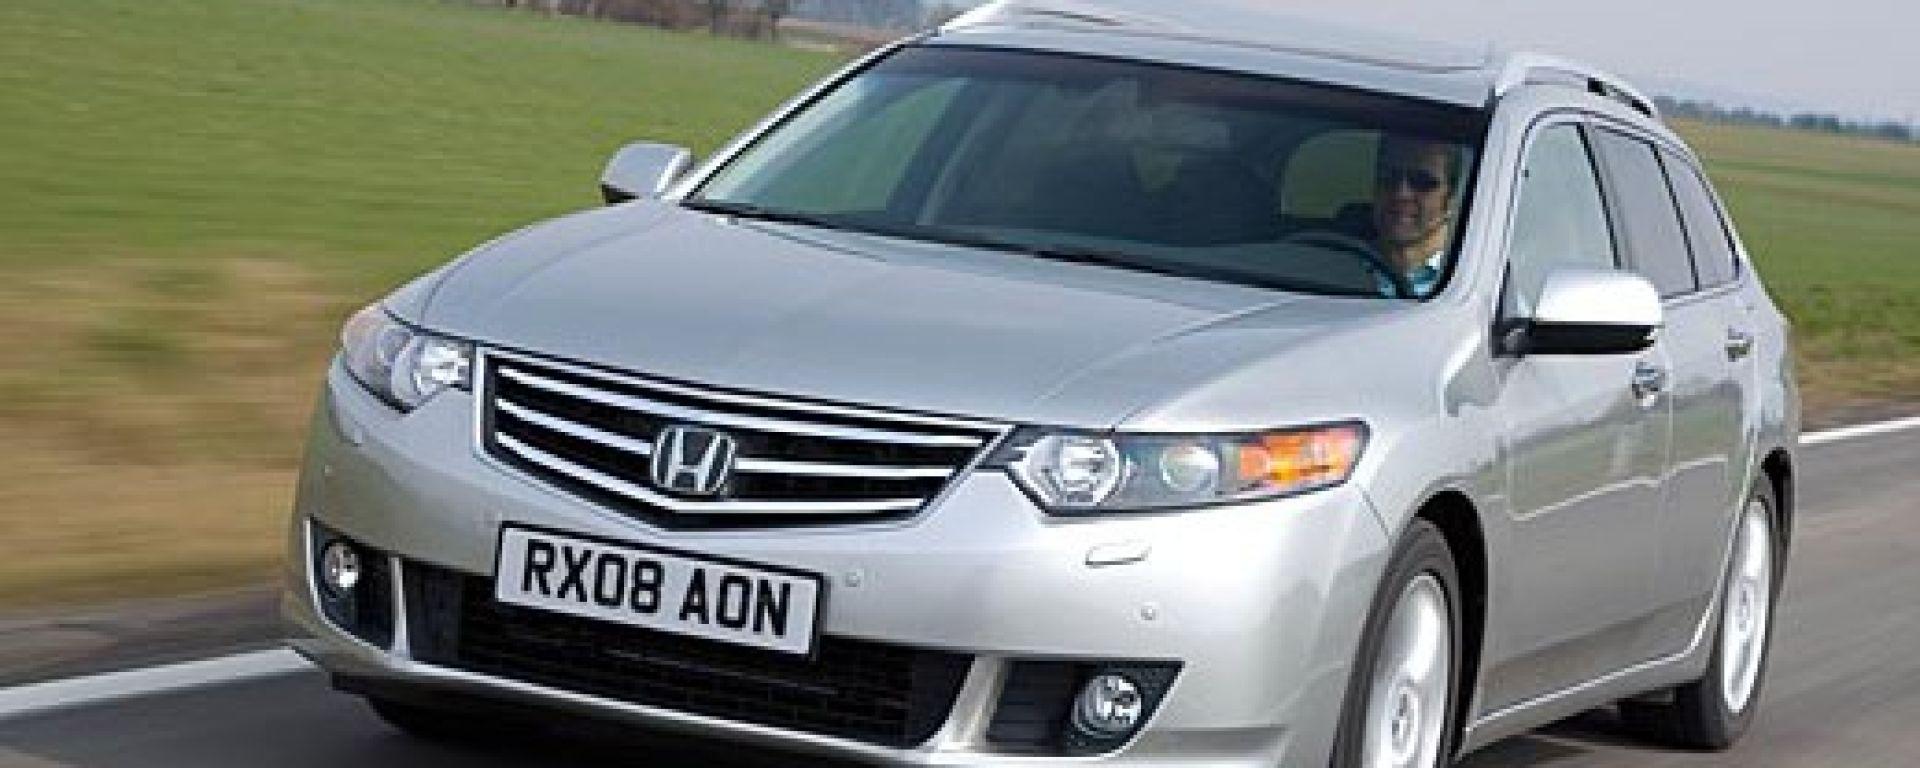 Honda Accord 2.2 i-DTec automatica